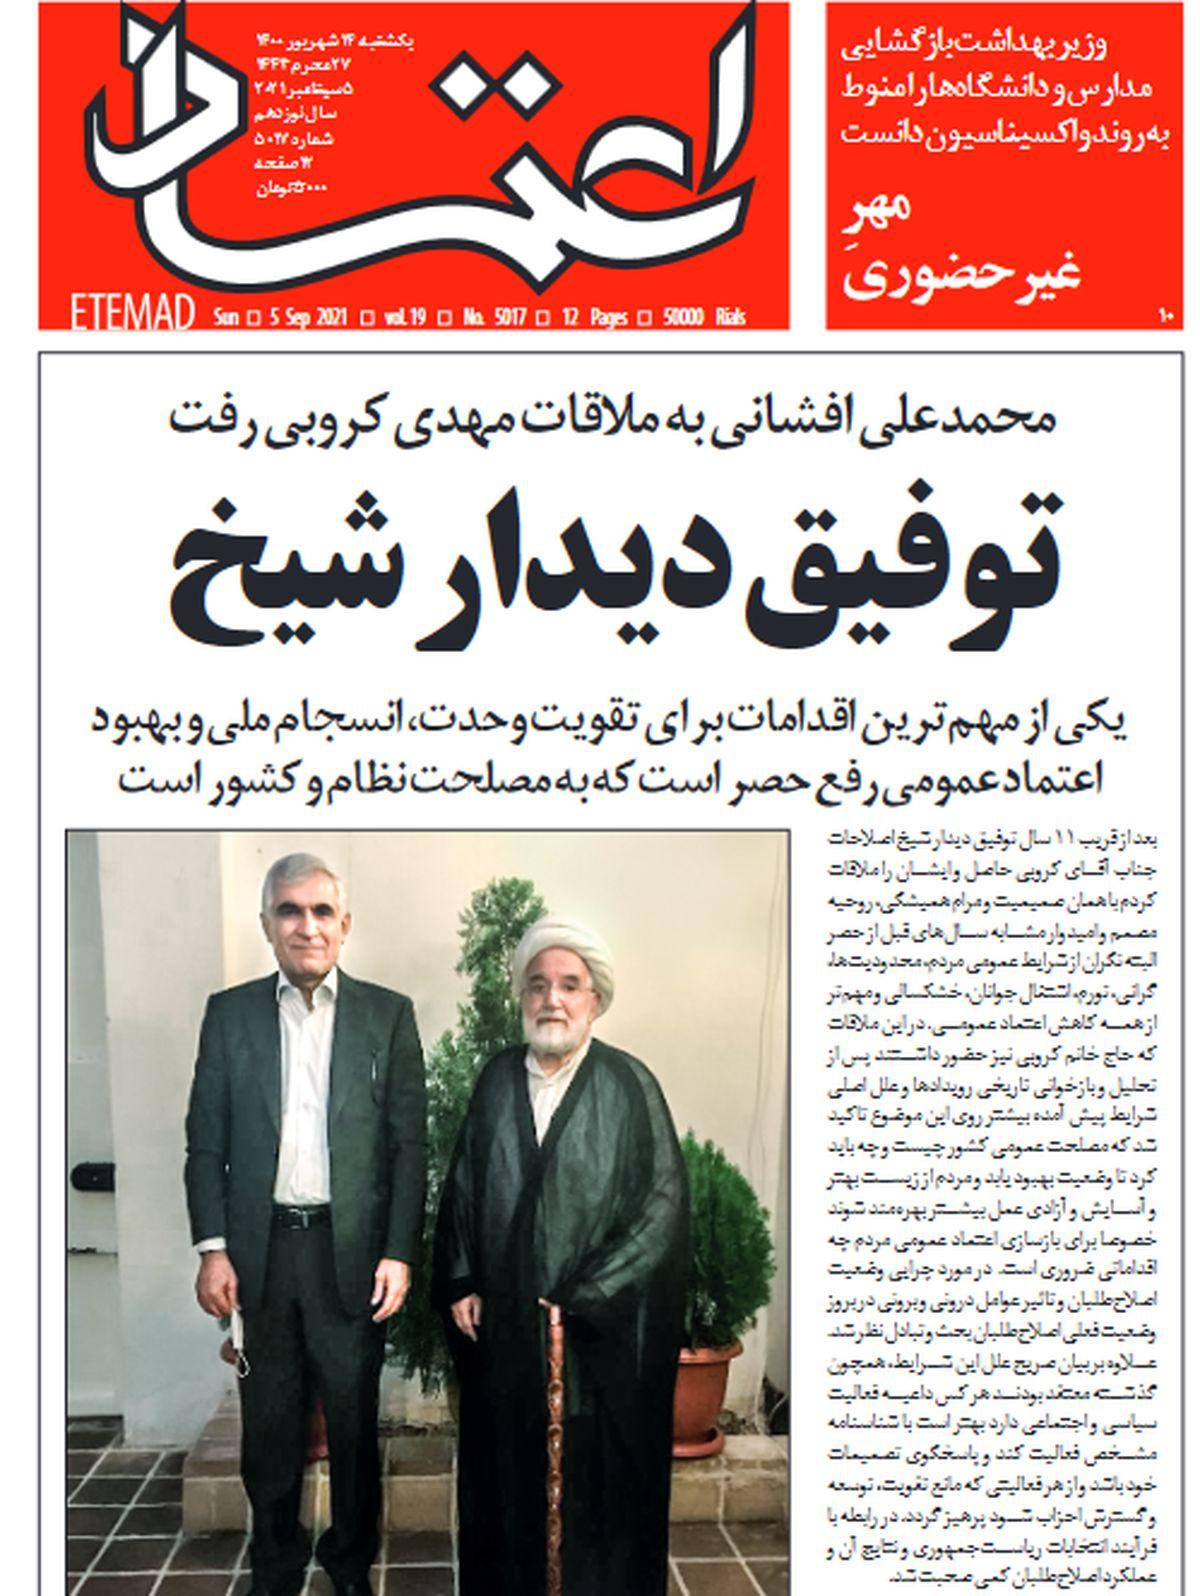 دیدار شهردار هشت ماهه اصلاح طلبان با شیخ فتنهگر